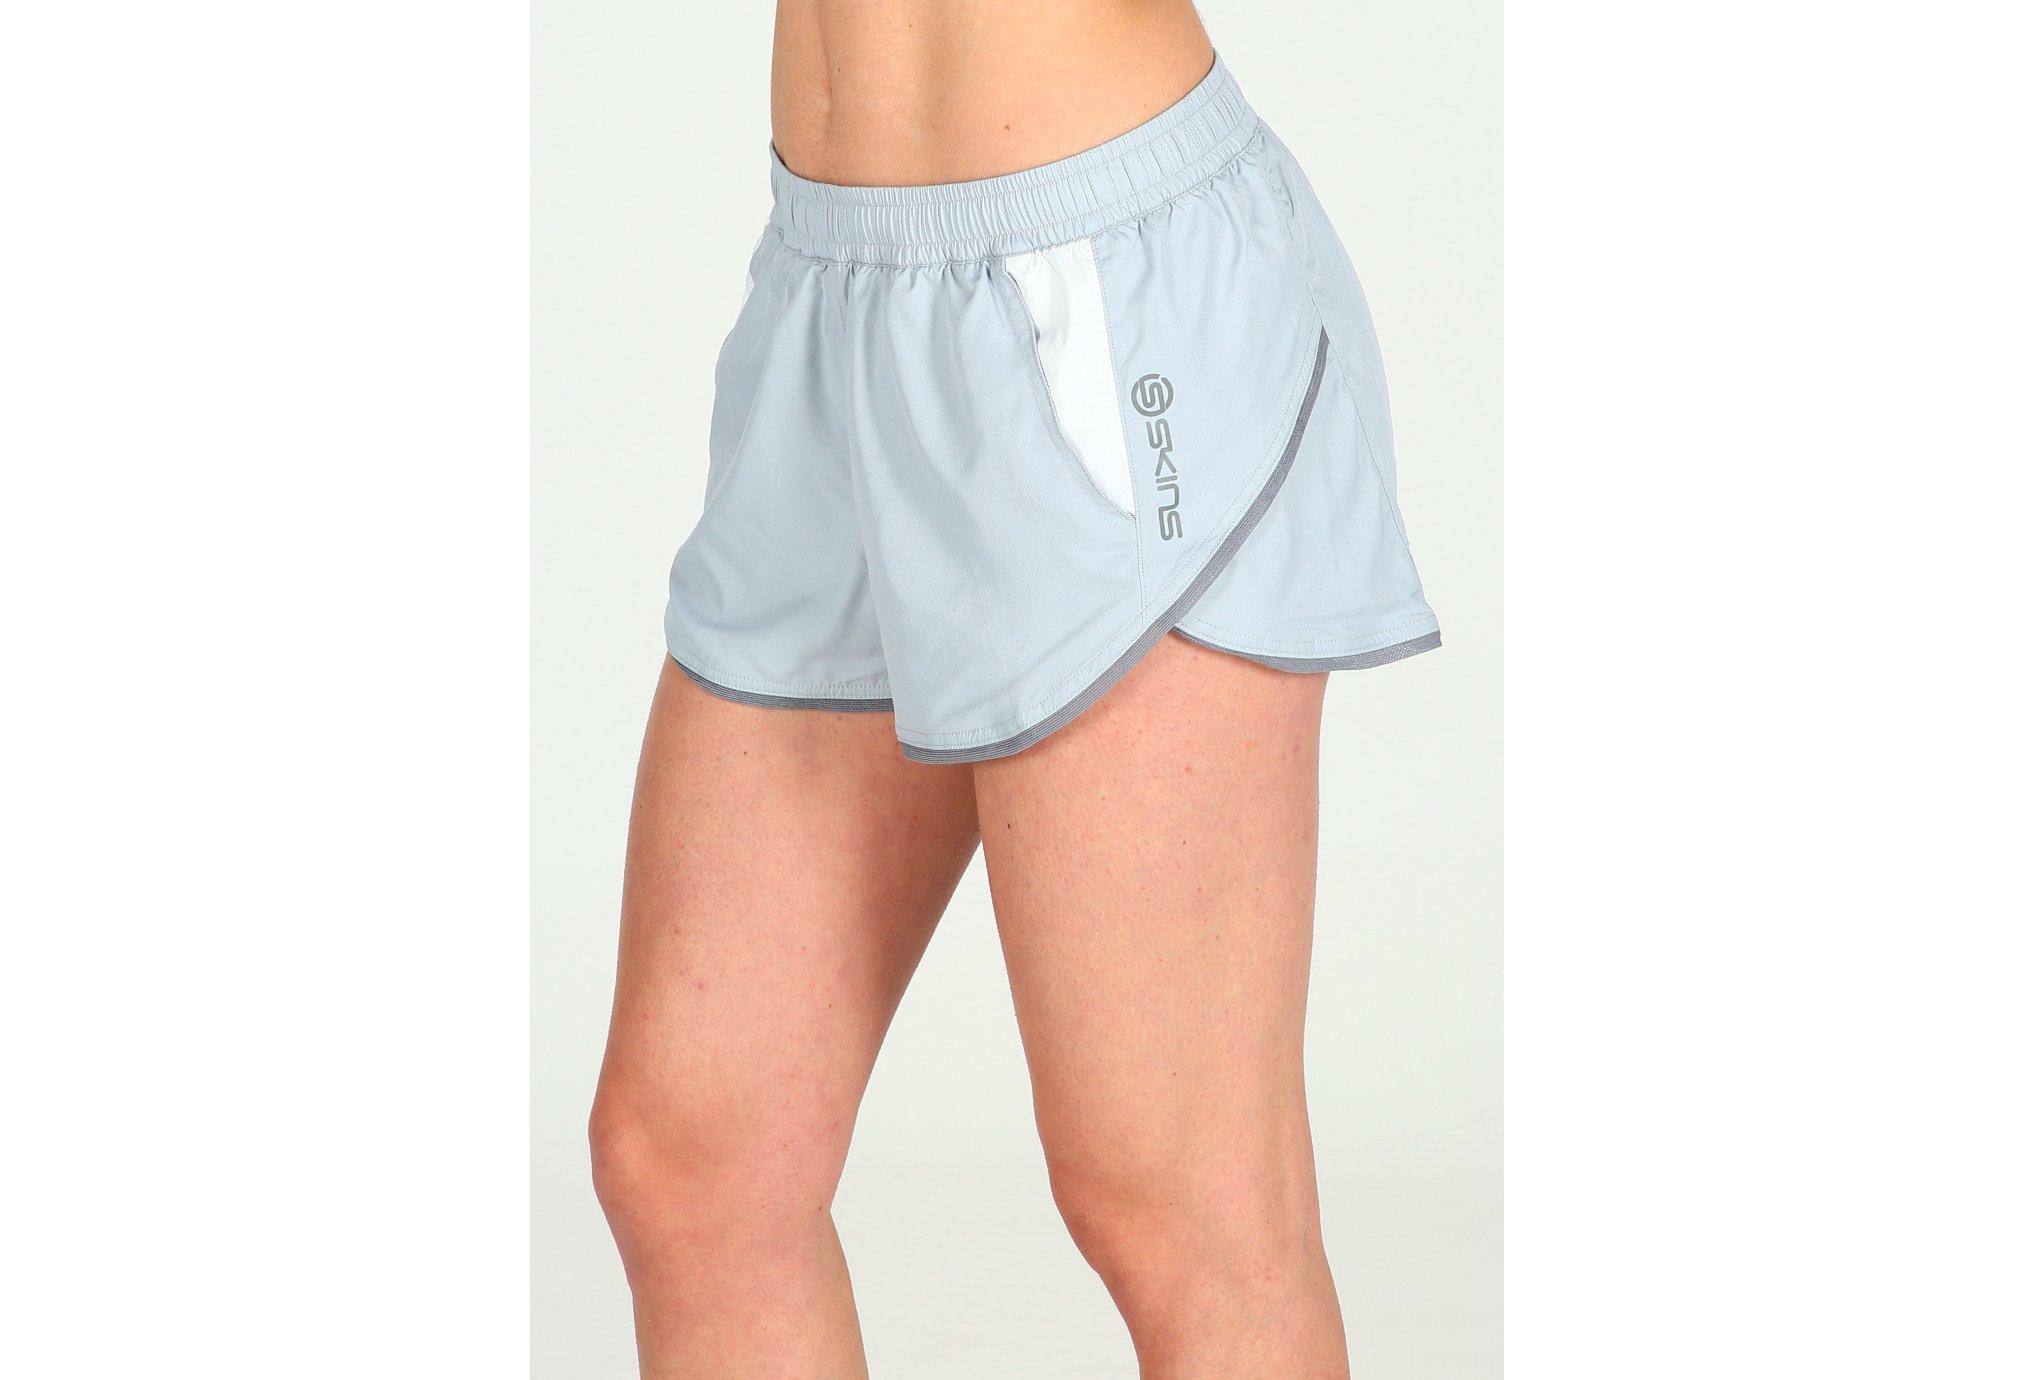 Skins Short Plus Axis W Diététique Vêtements femme